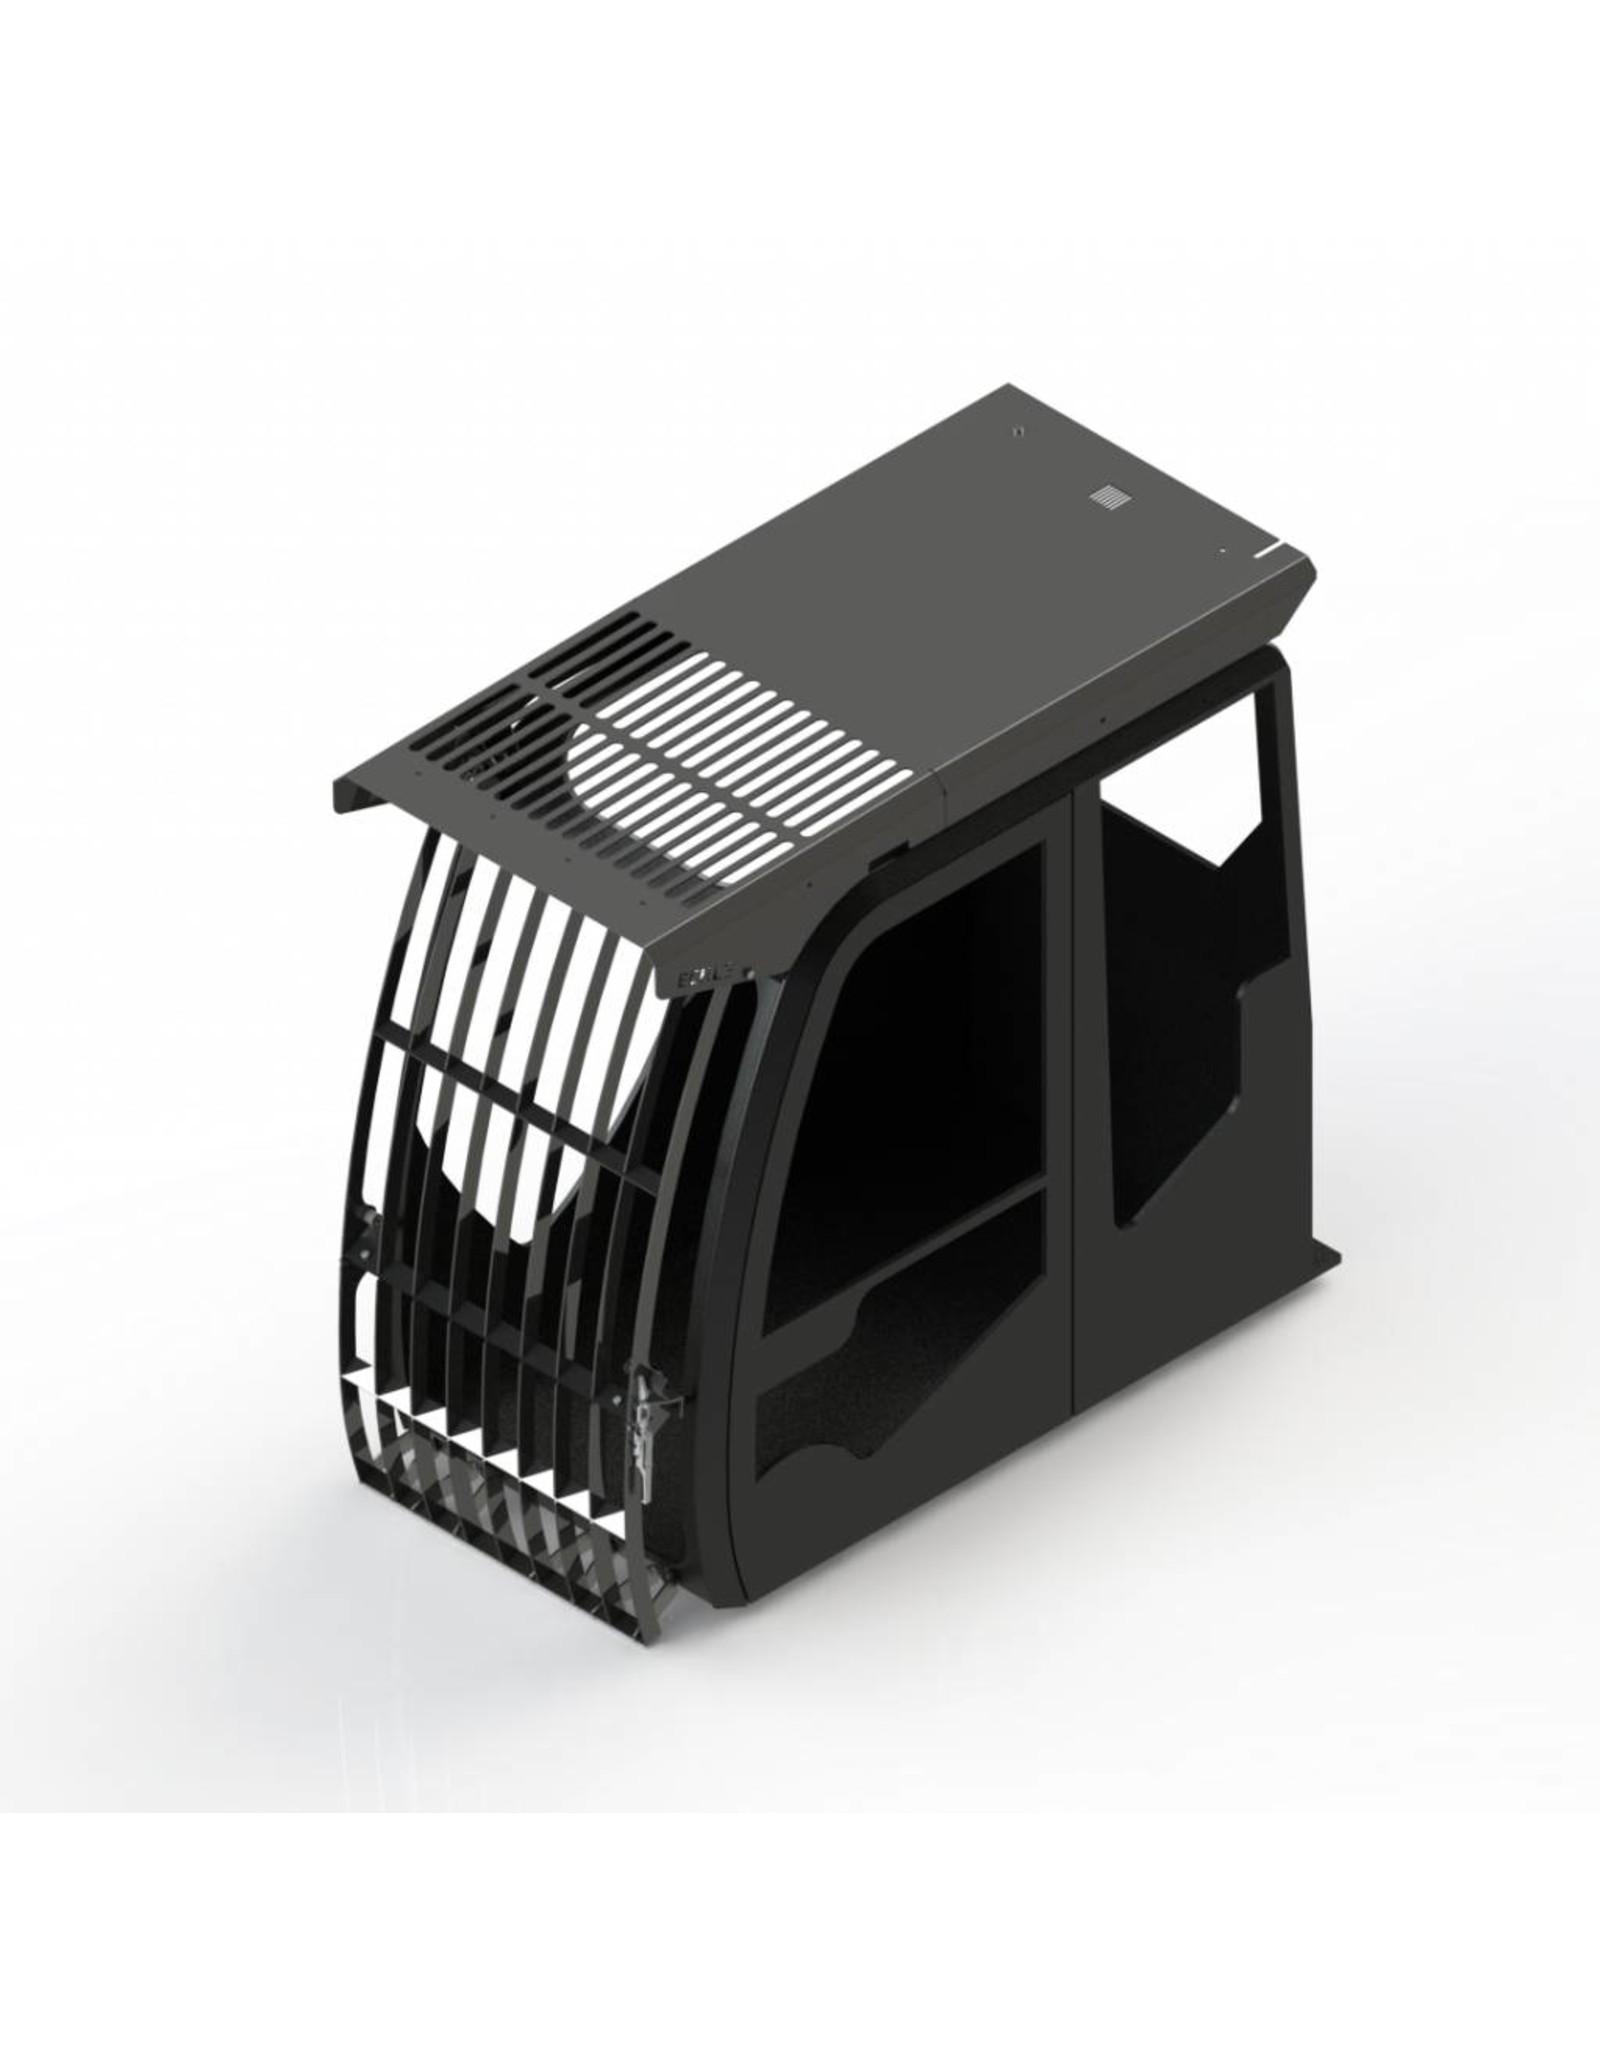 Echle Hartstahl GmbH FOPS pour Doosan DX255LC-5